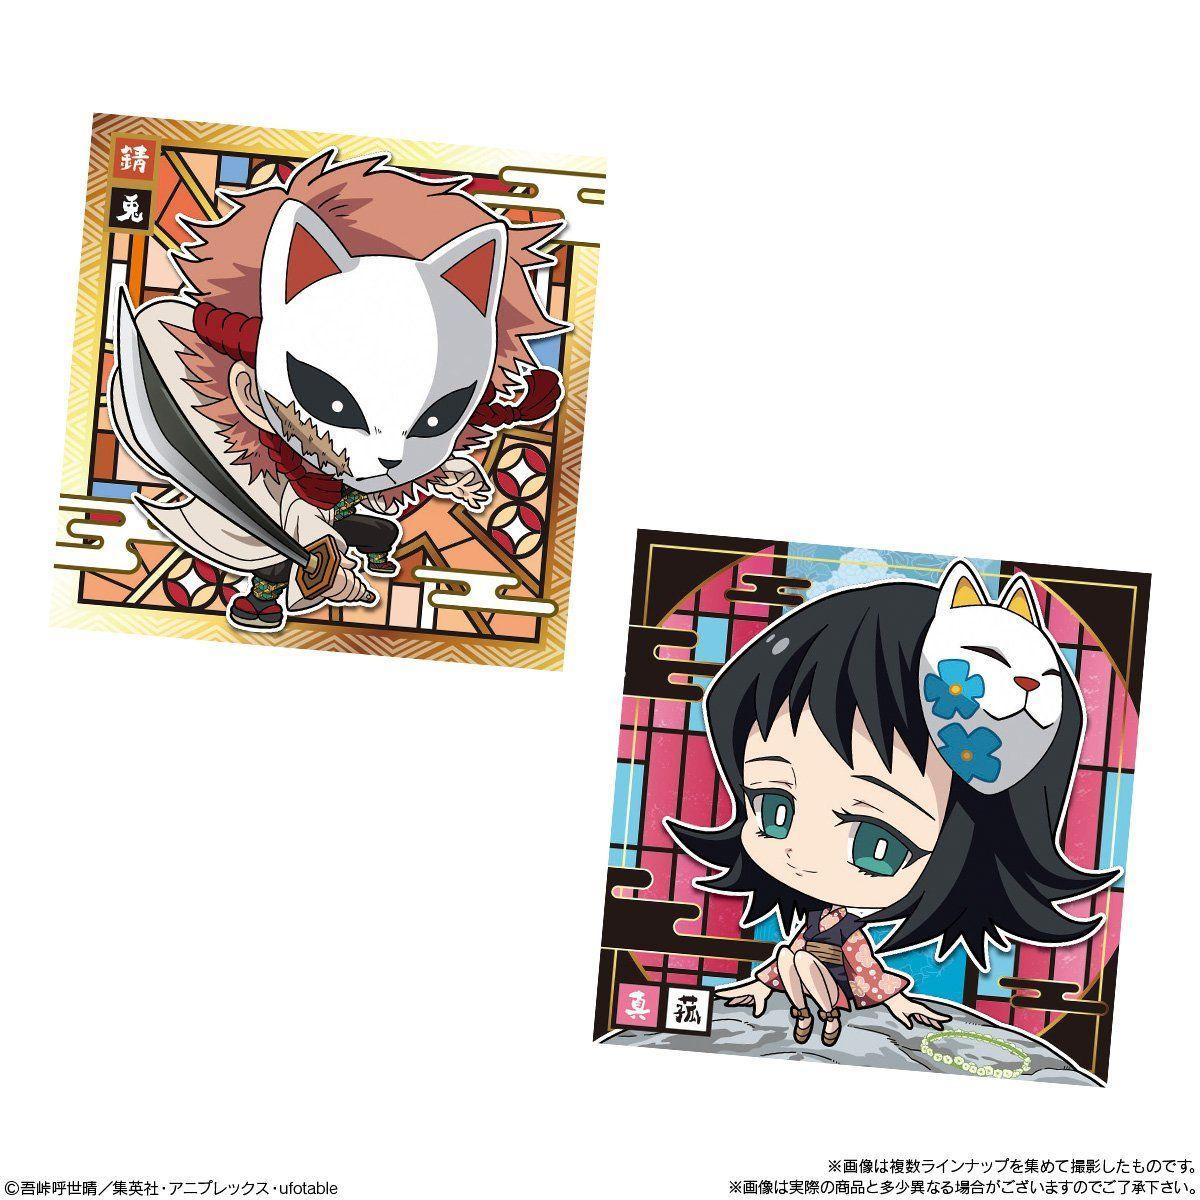 【食玩】鬼滅の刃『ディフォルメシールウエハース』20個入りBOX-003